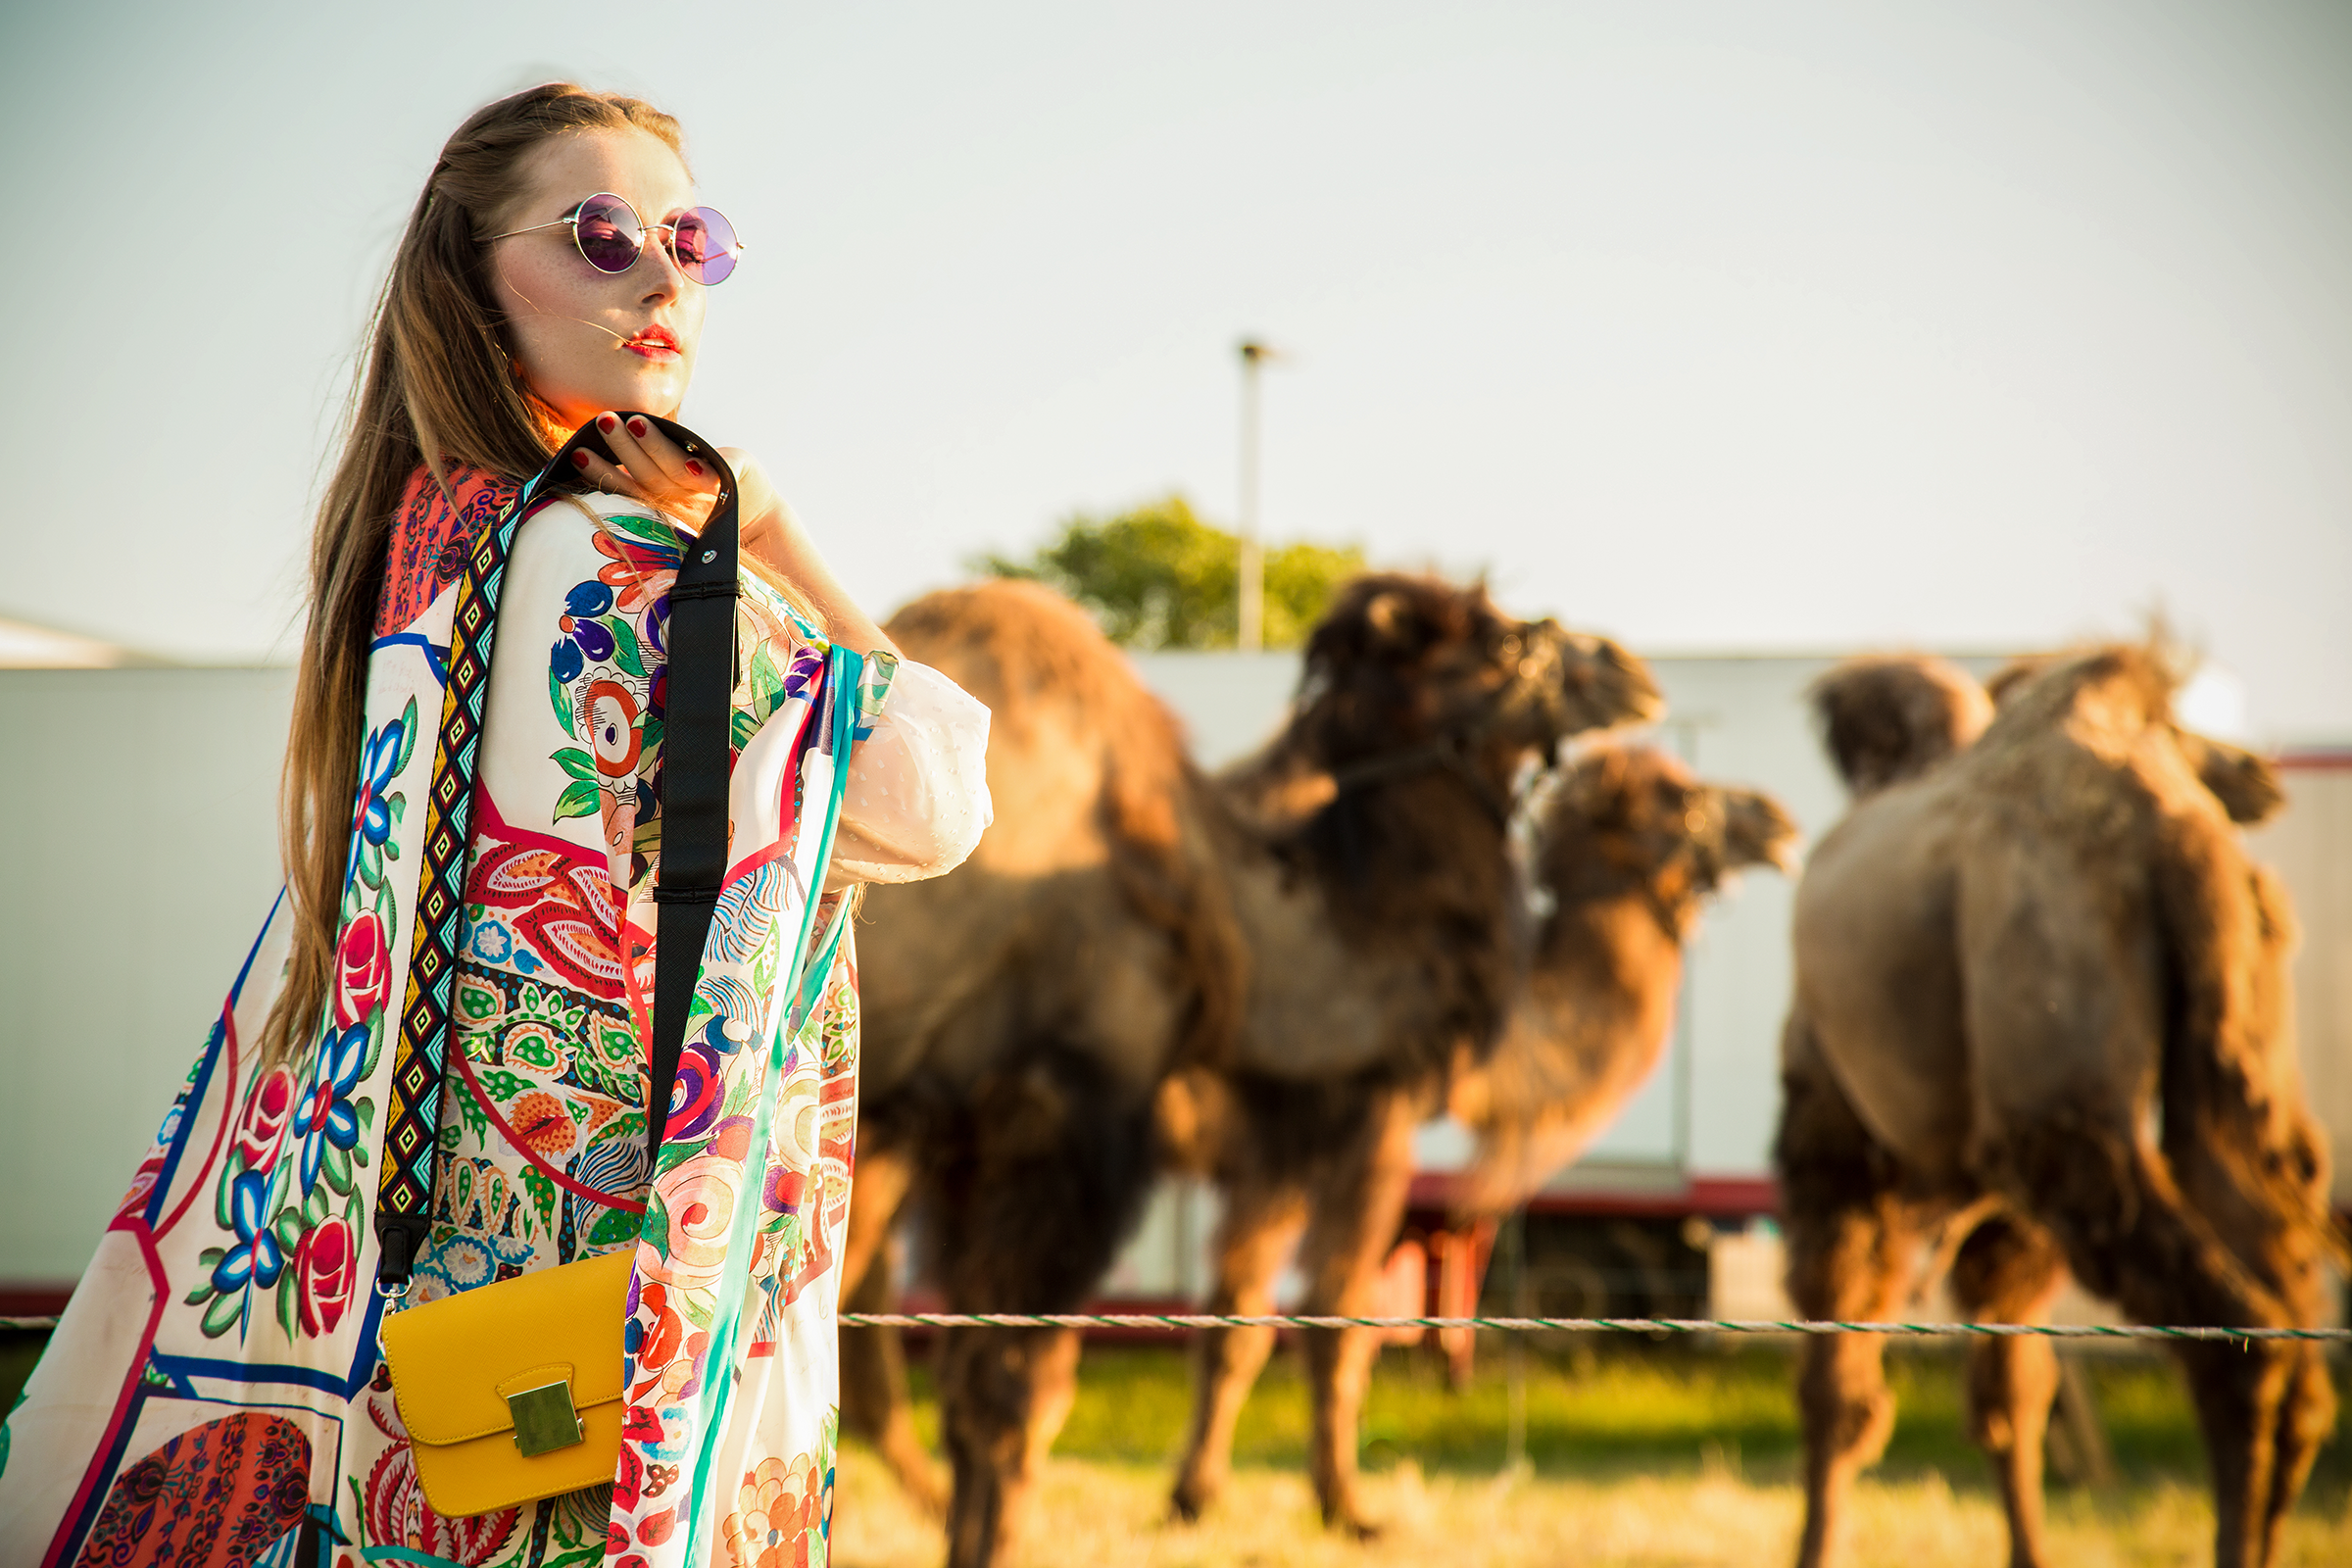 amely rose in einem summerlook oder festival outfit coachella im zara kimono mit kamelen tierfotografie